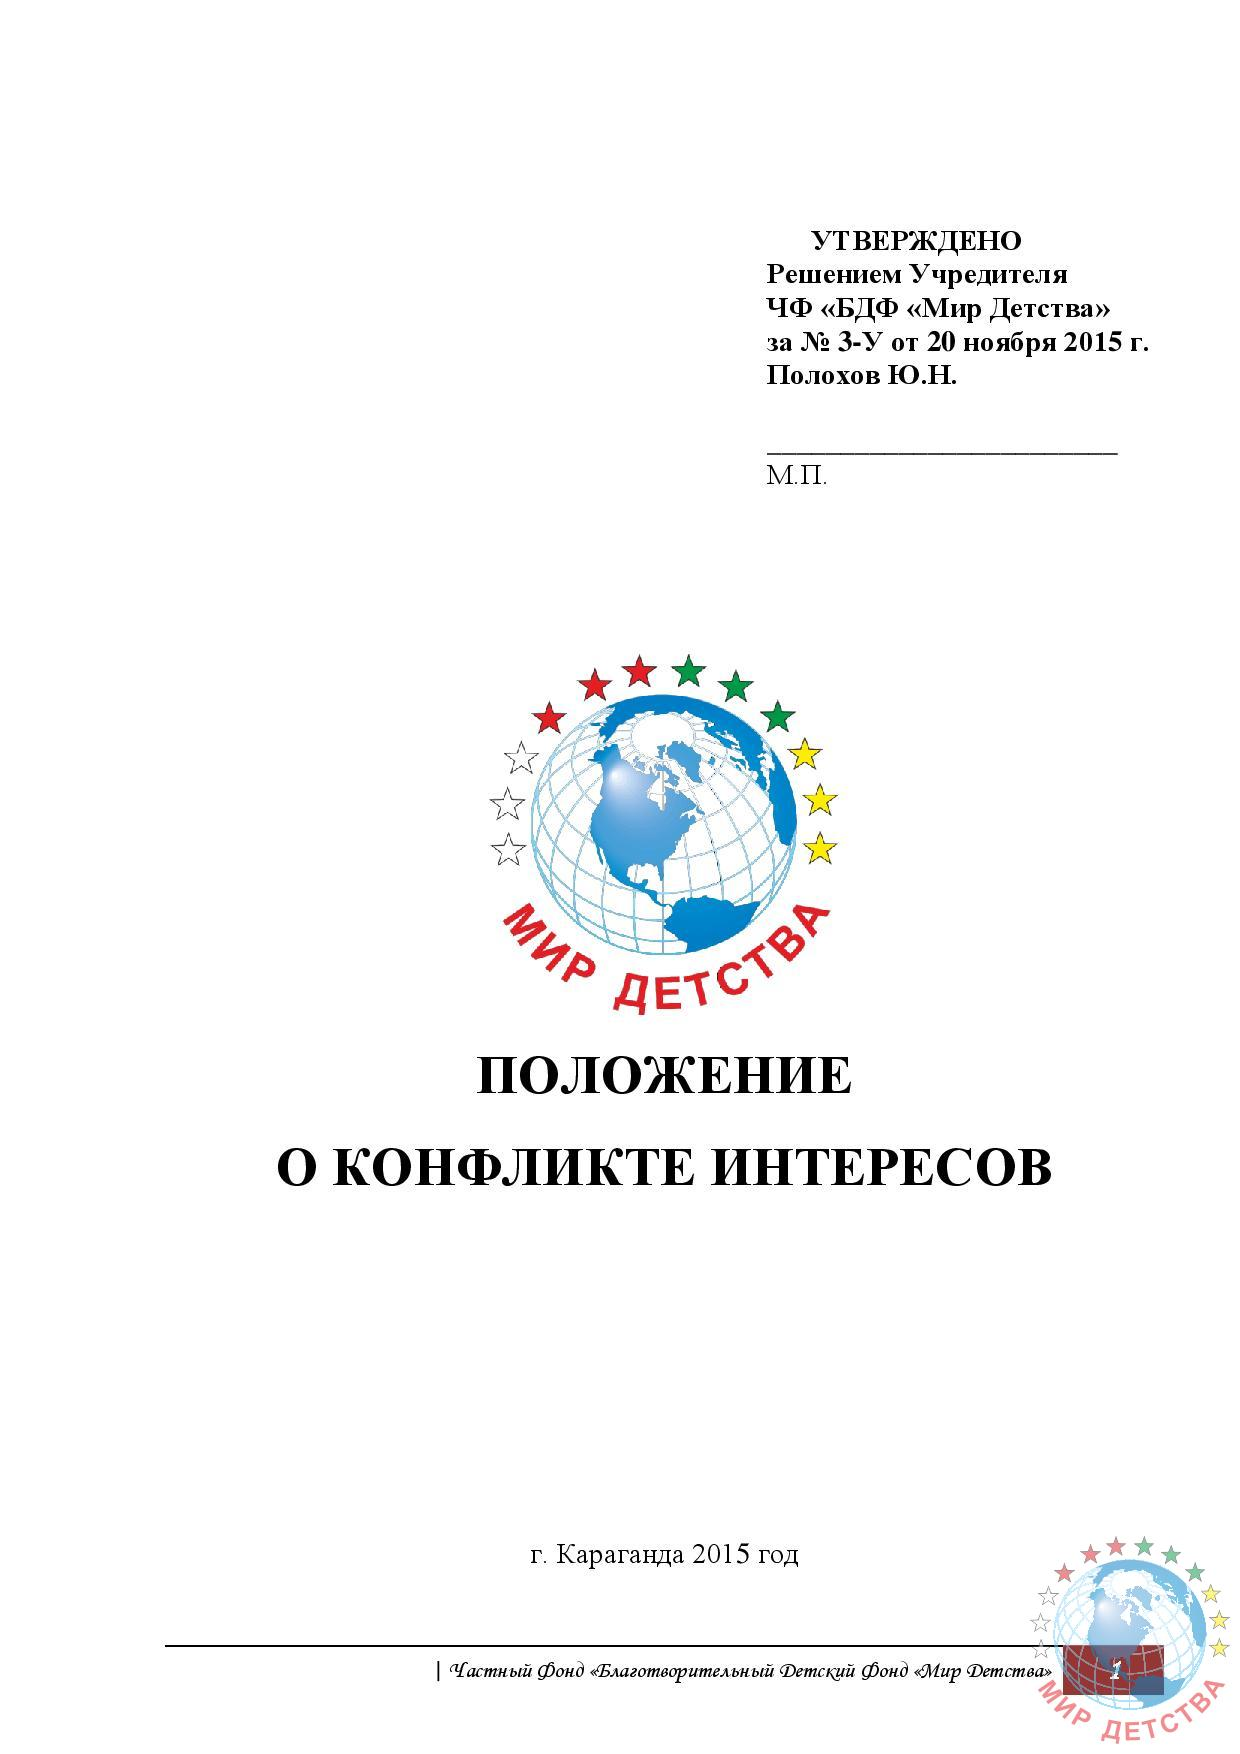 oficialnoe_polozhenie_o_konflikte_interesov-page-001